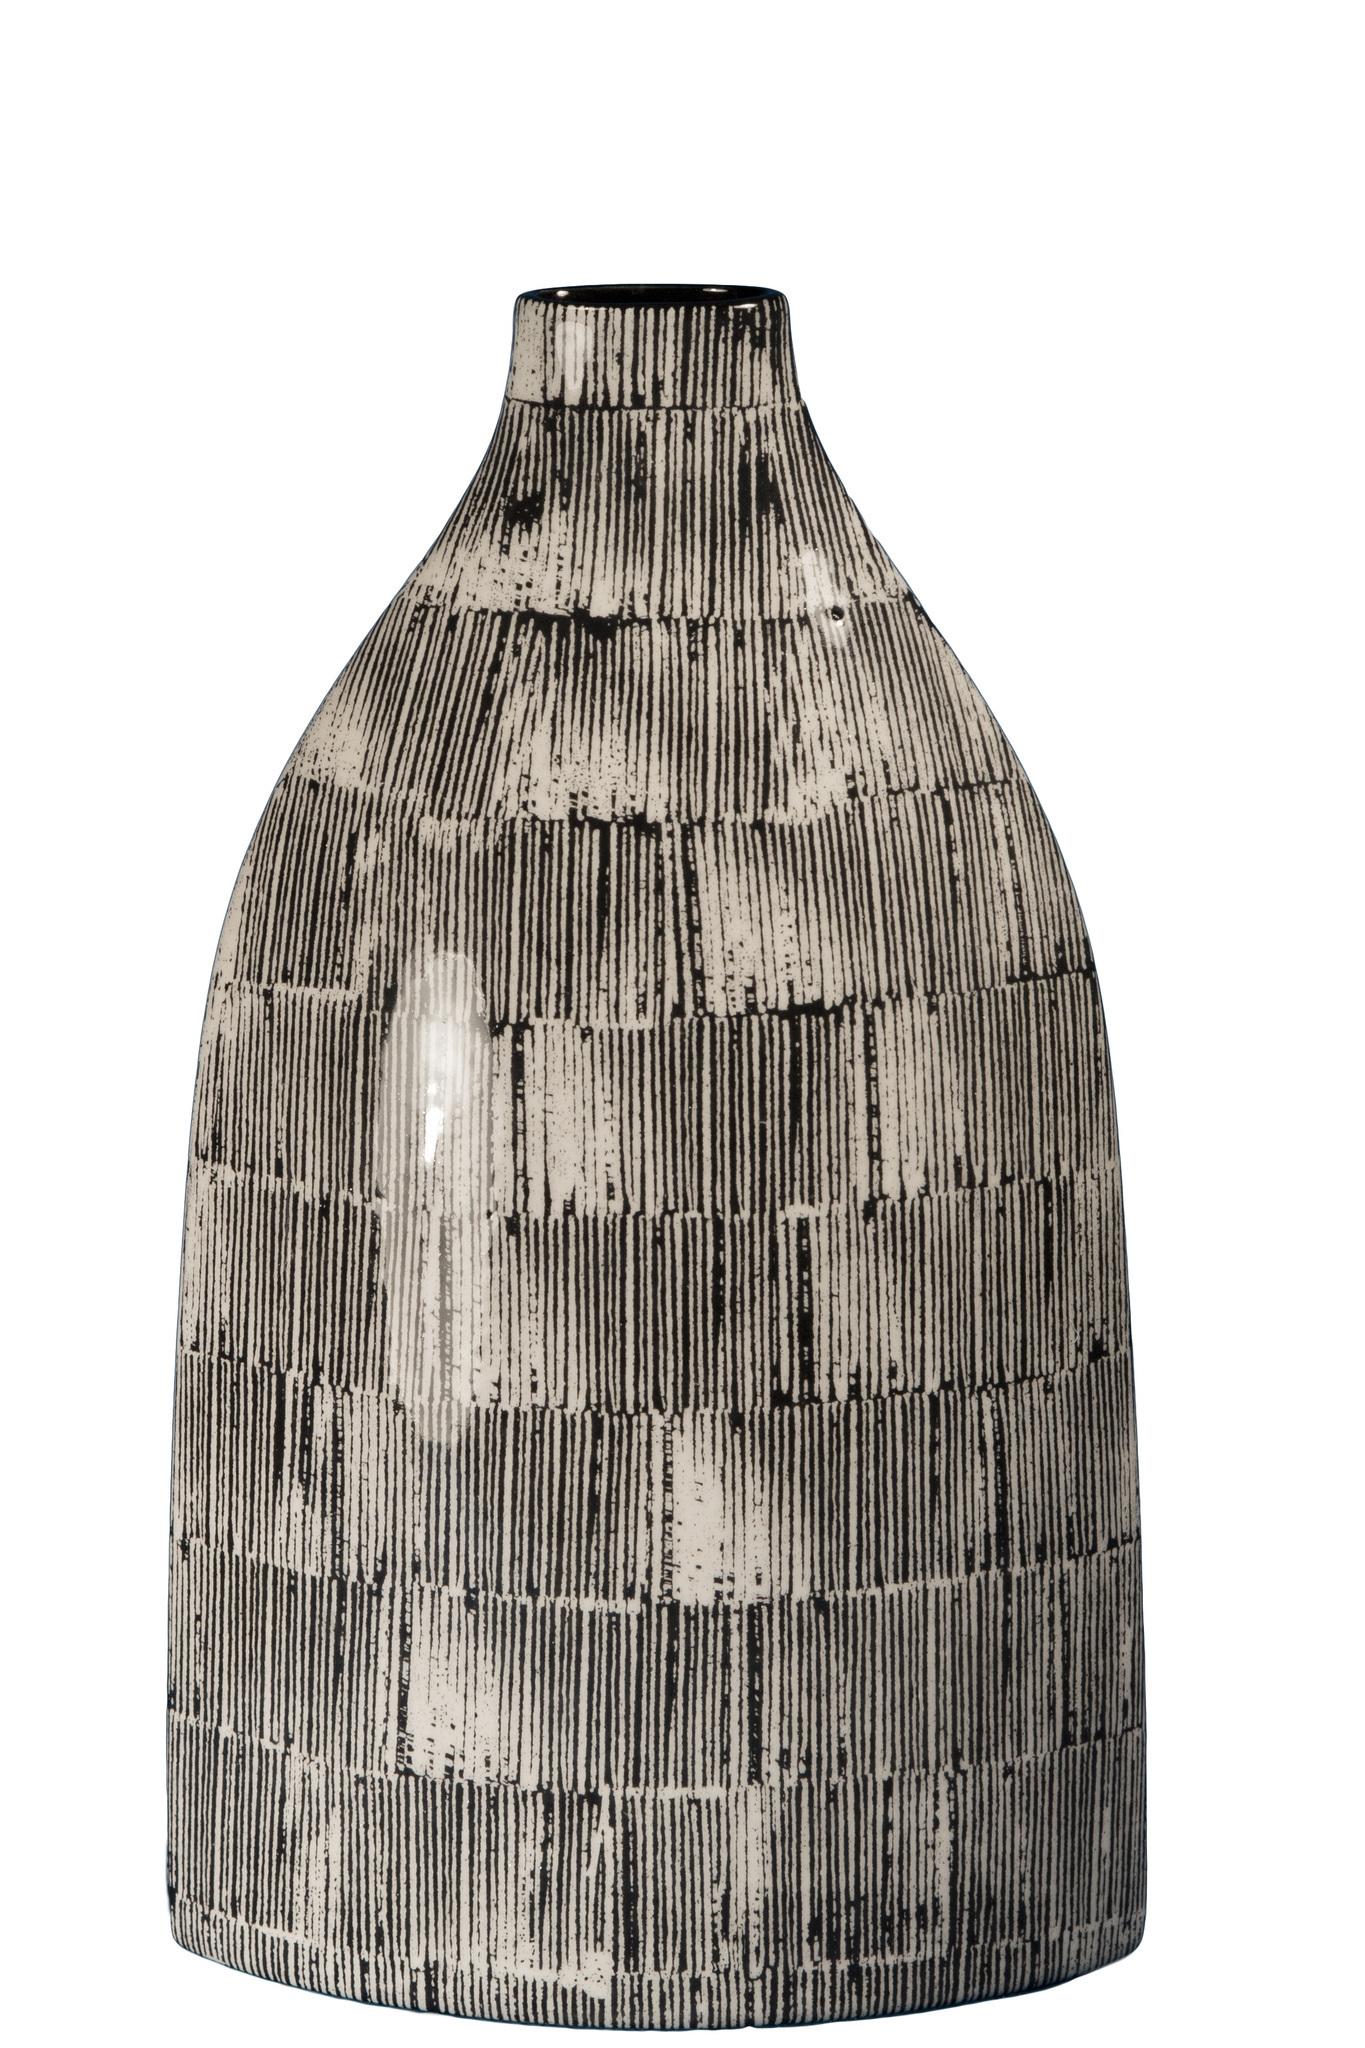 Вазы настольные Элитная ваза декоративная Dress Code средняя от S. Bernardo vaza-dekorativnaya-srednyaya-dress-code-ot-s-bernardo-iz-portugalii.jpg